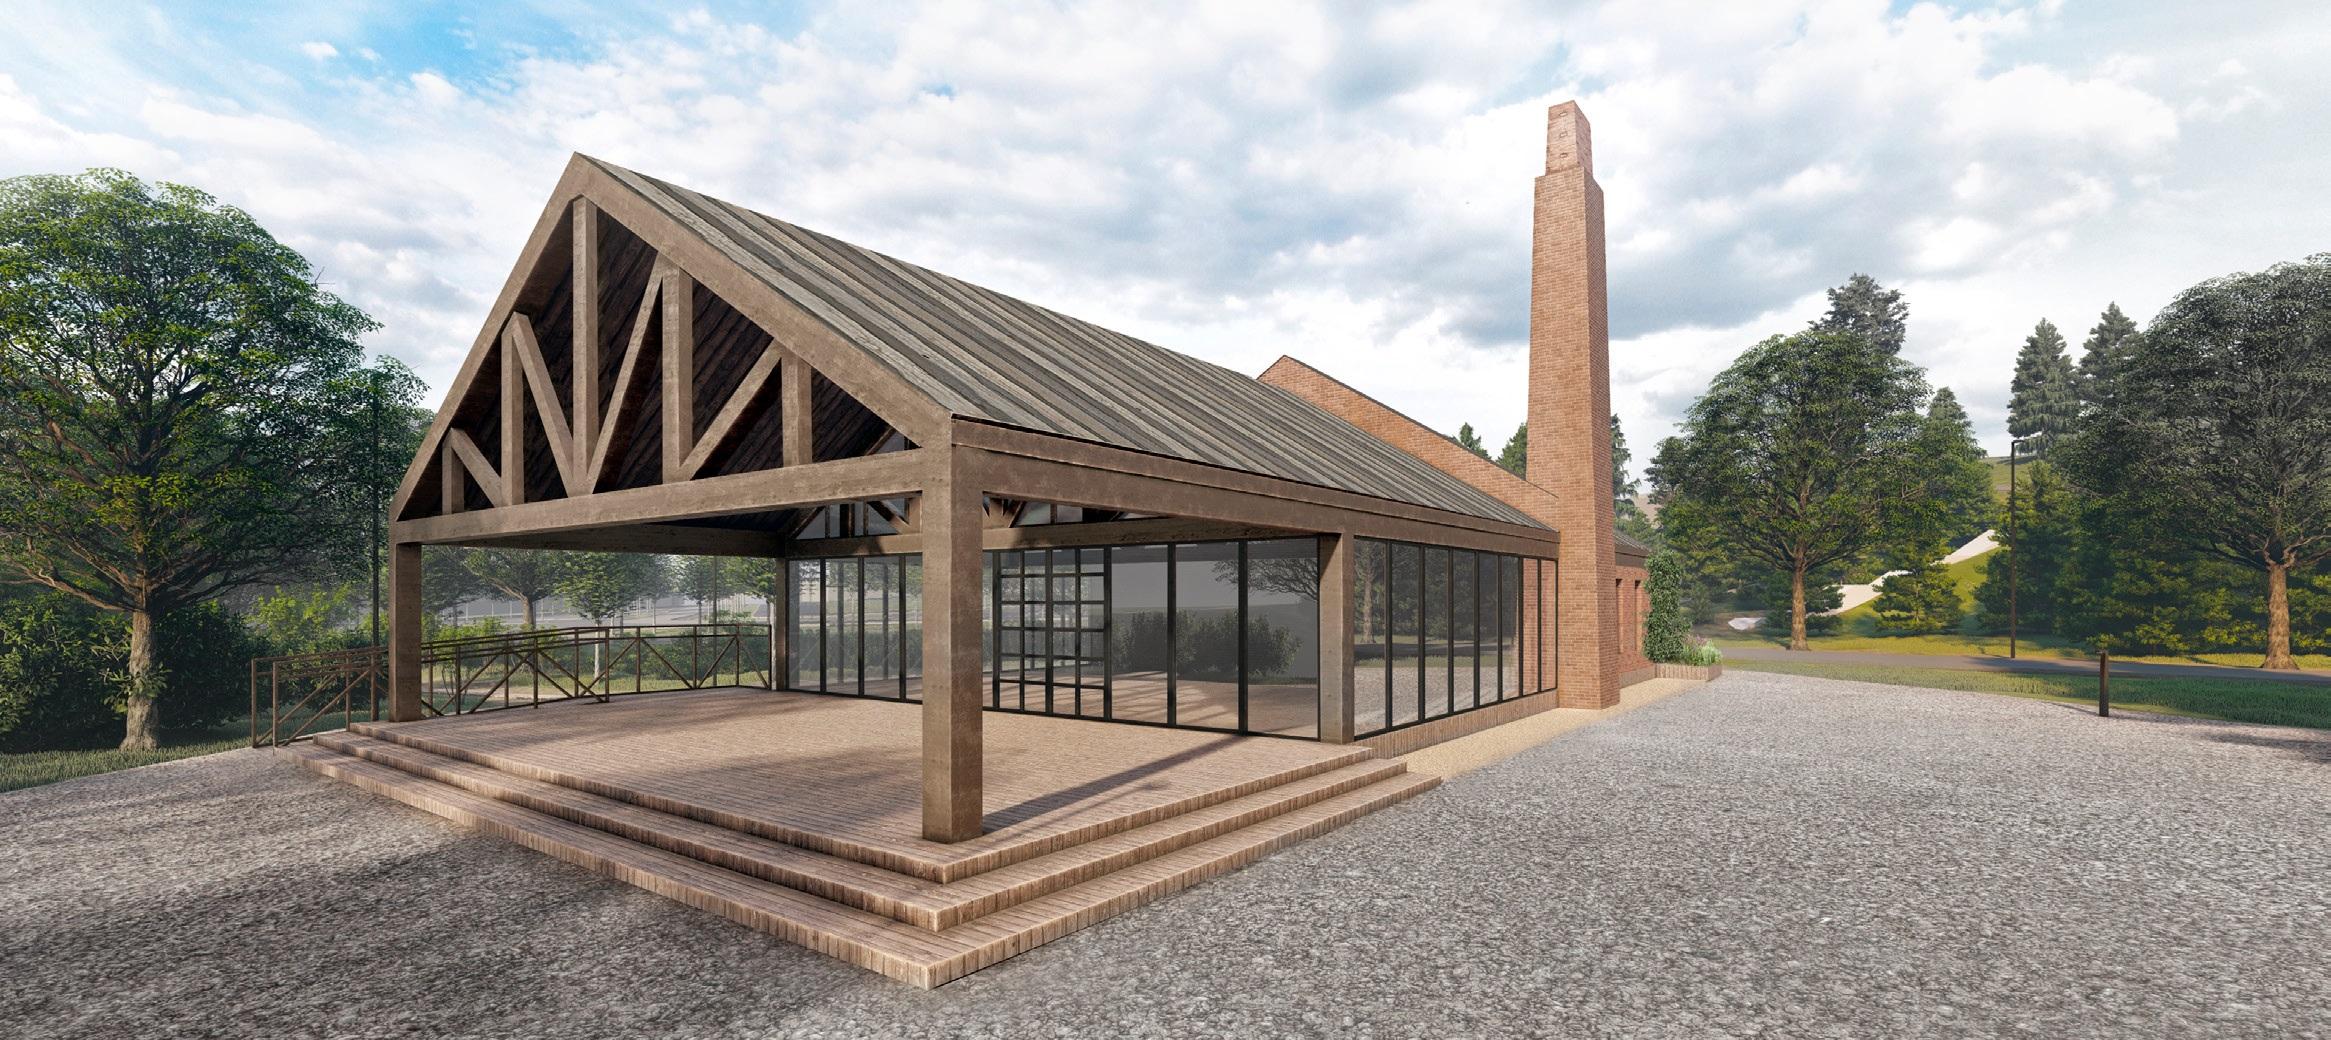 Здание визит-центра — отсылка к первым кирпичным заводам. Здесь разместятся администрация парка, кафе и теплые туалеты, а места хватит для того, чтобы собирать горожан на лекции, например